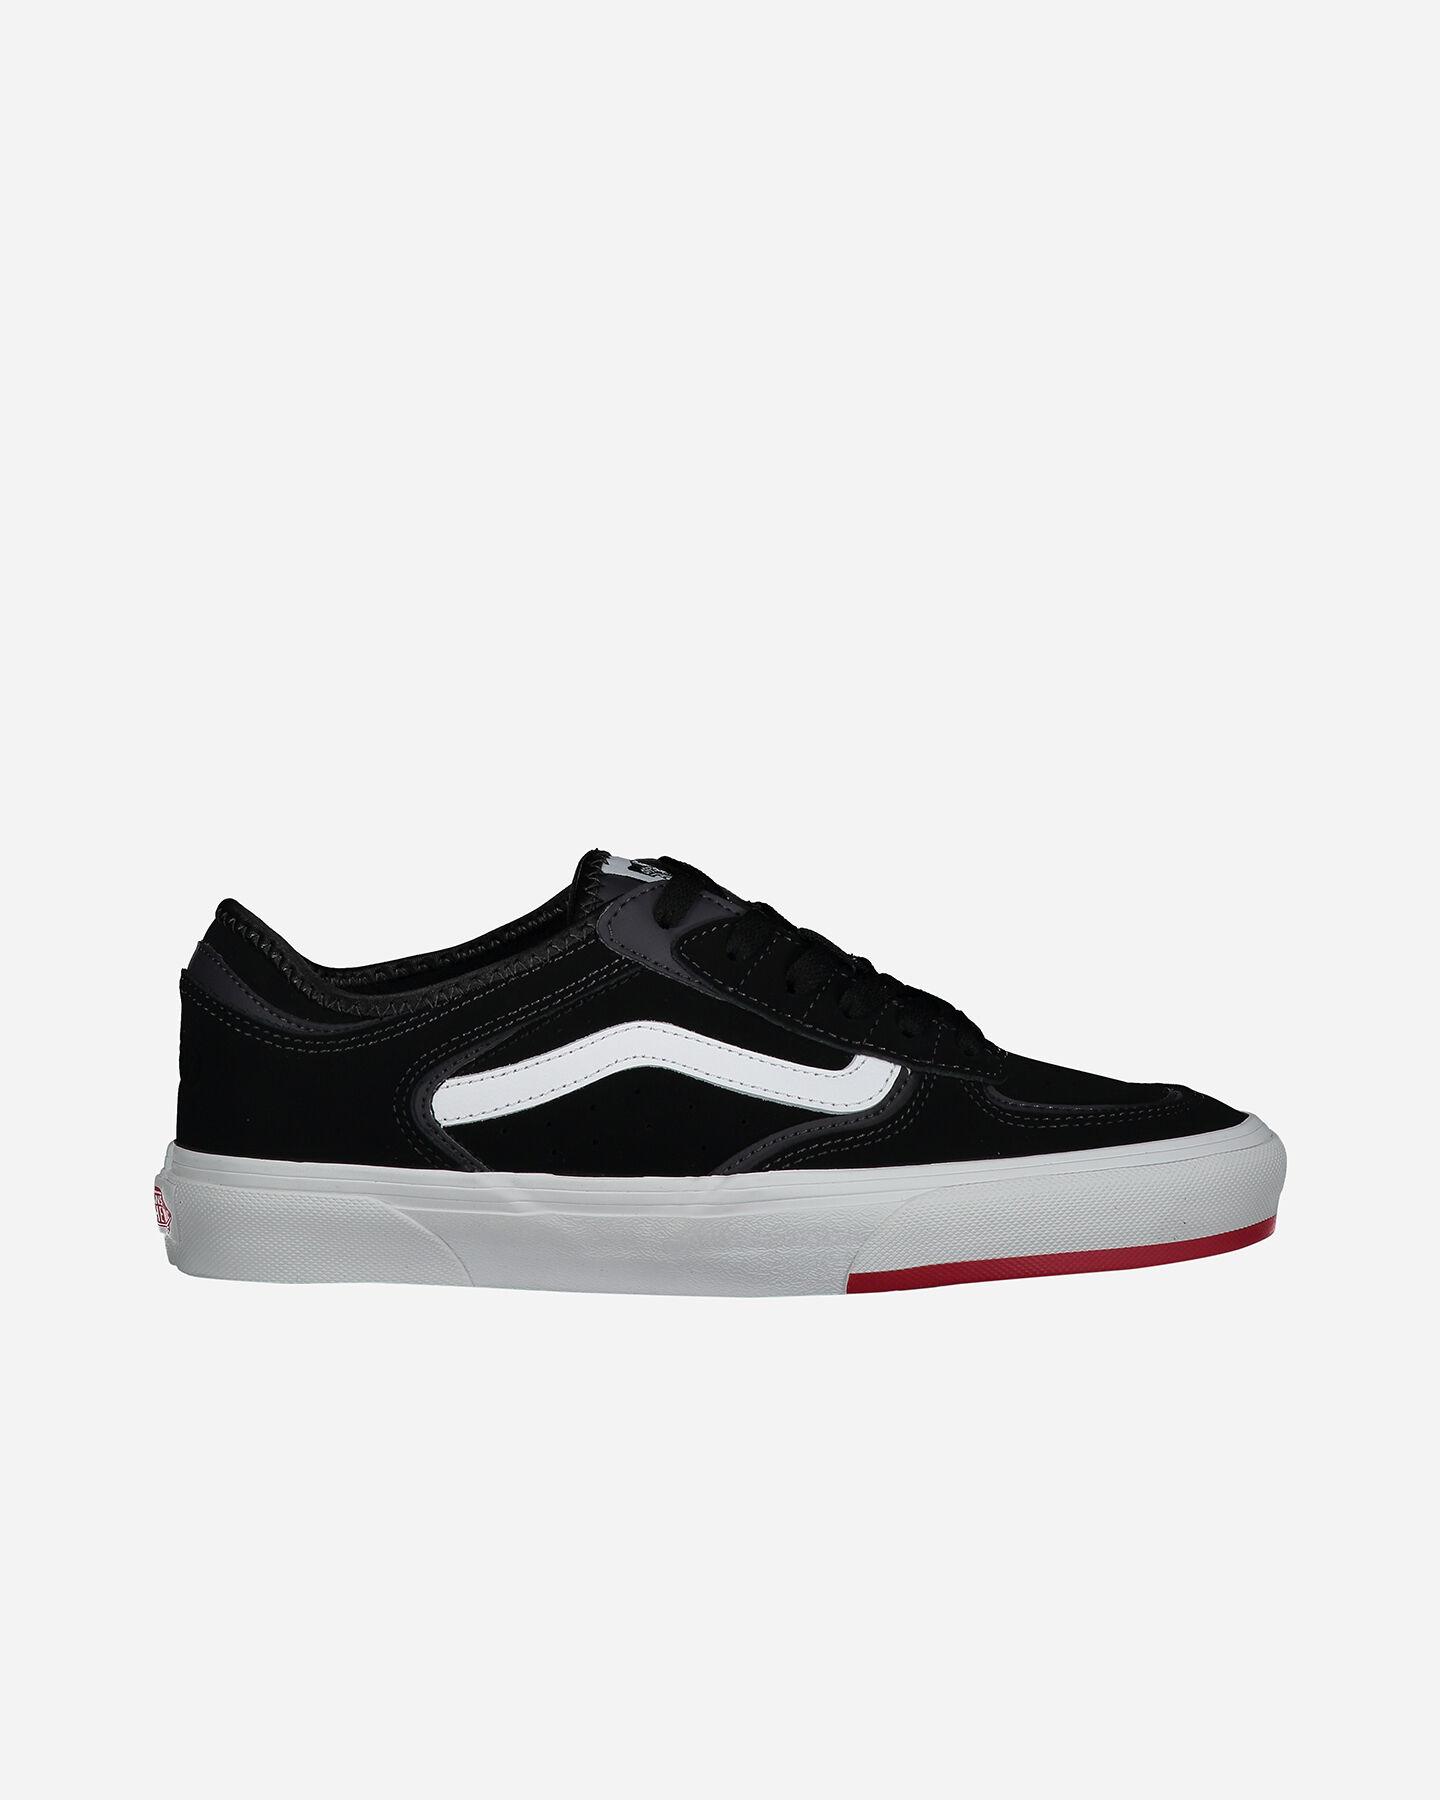 VANS: sneakers, abbigliamento e accessori sportswear